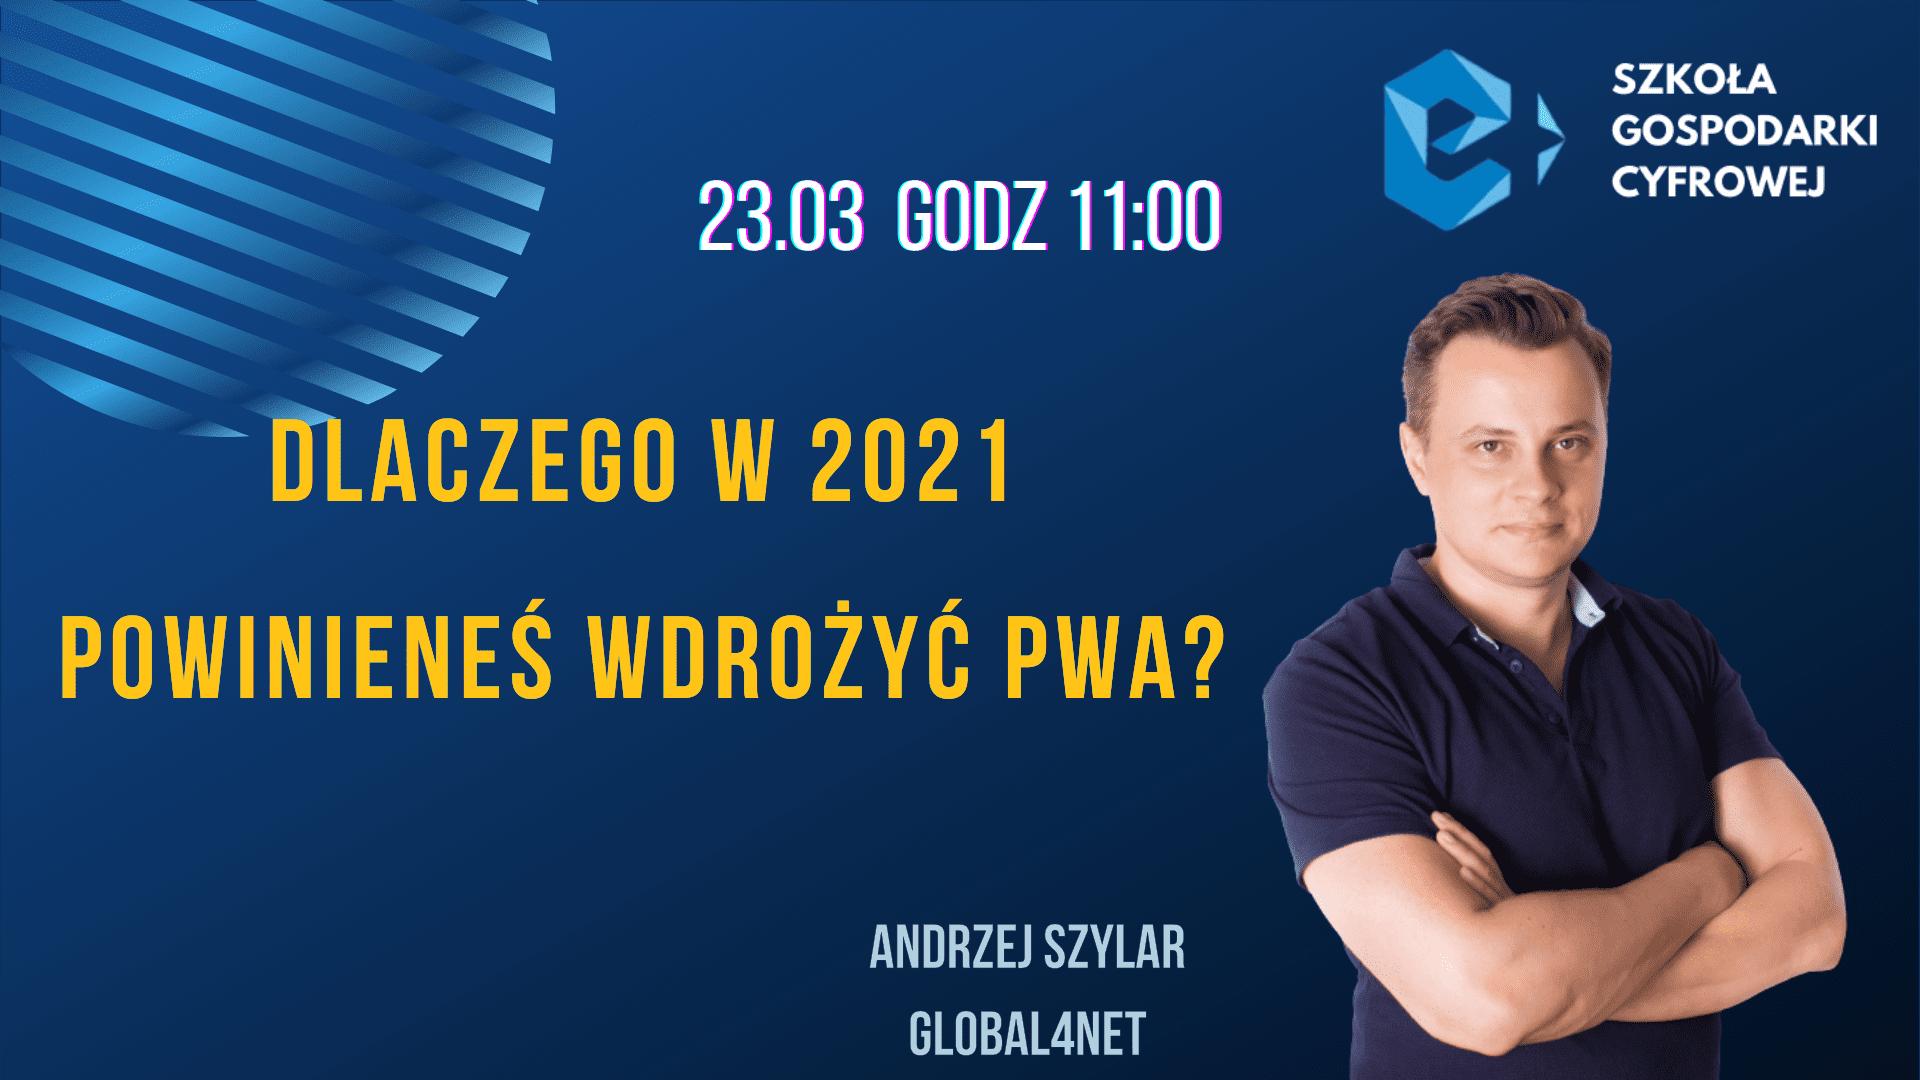 SGC: Dlaczego w 2021 powinieneś wdrożyć PWA?